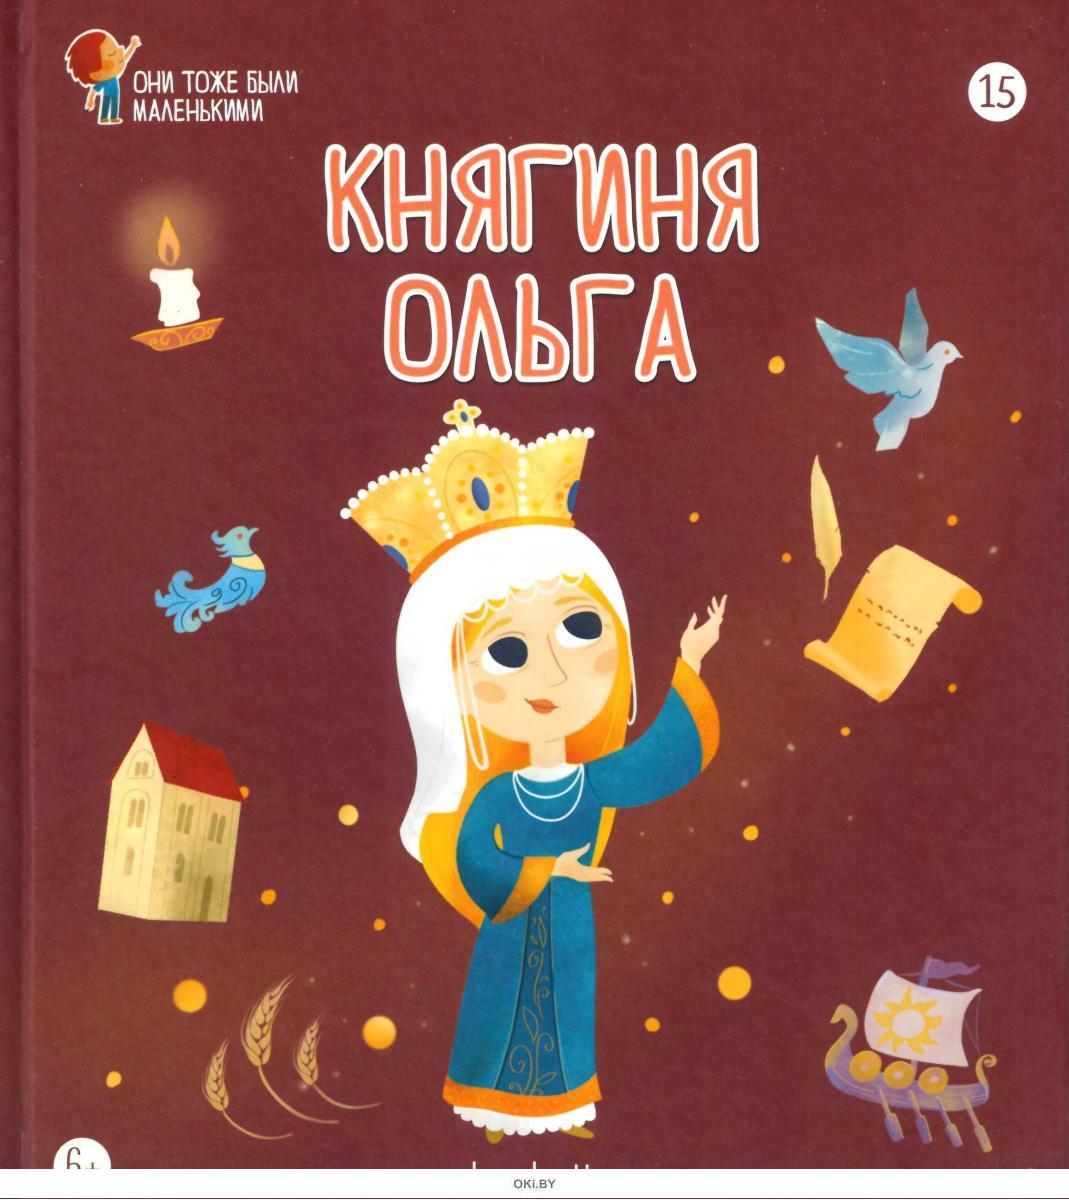 ОНИ ТОЖЕ БЫЛИ МАЛЕНЬКИМИ № 15. Княгиня Ольга